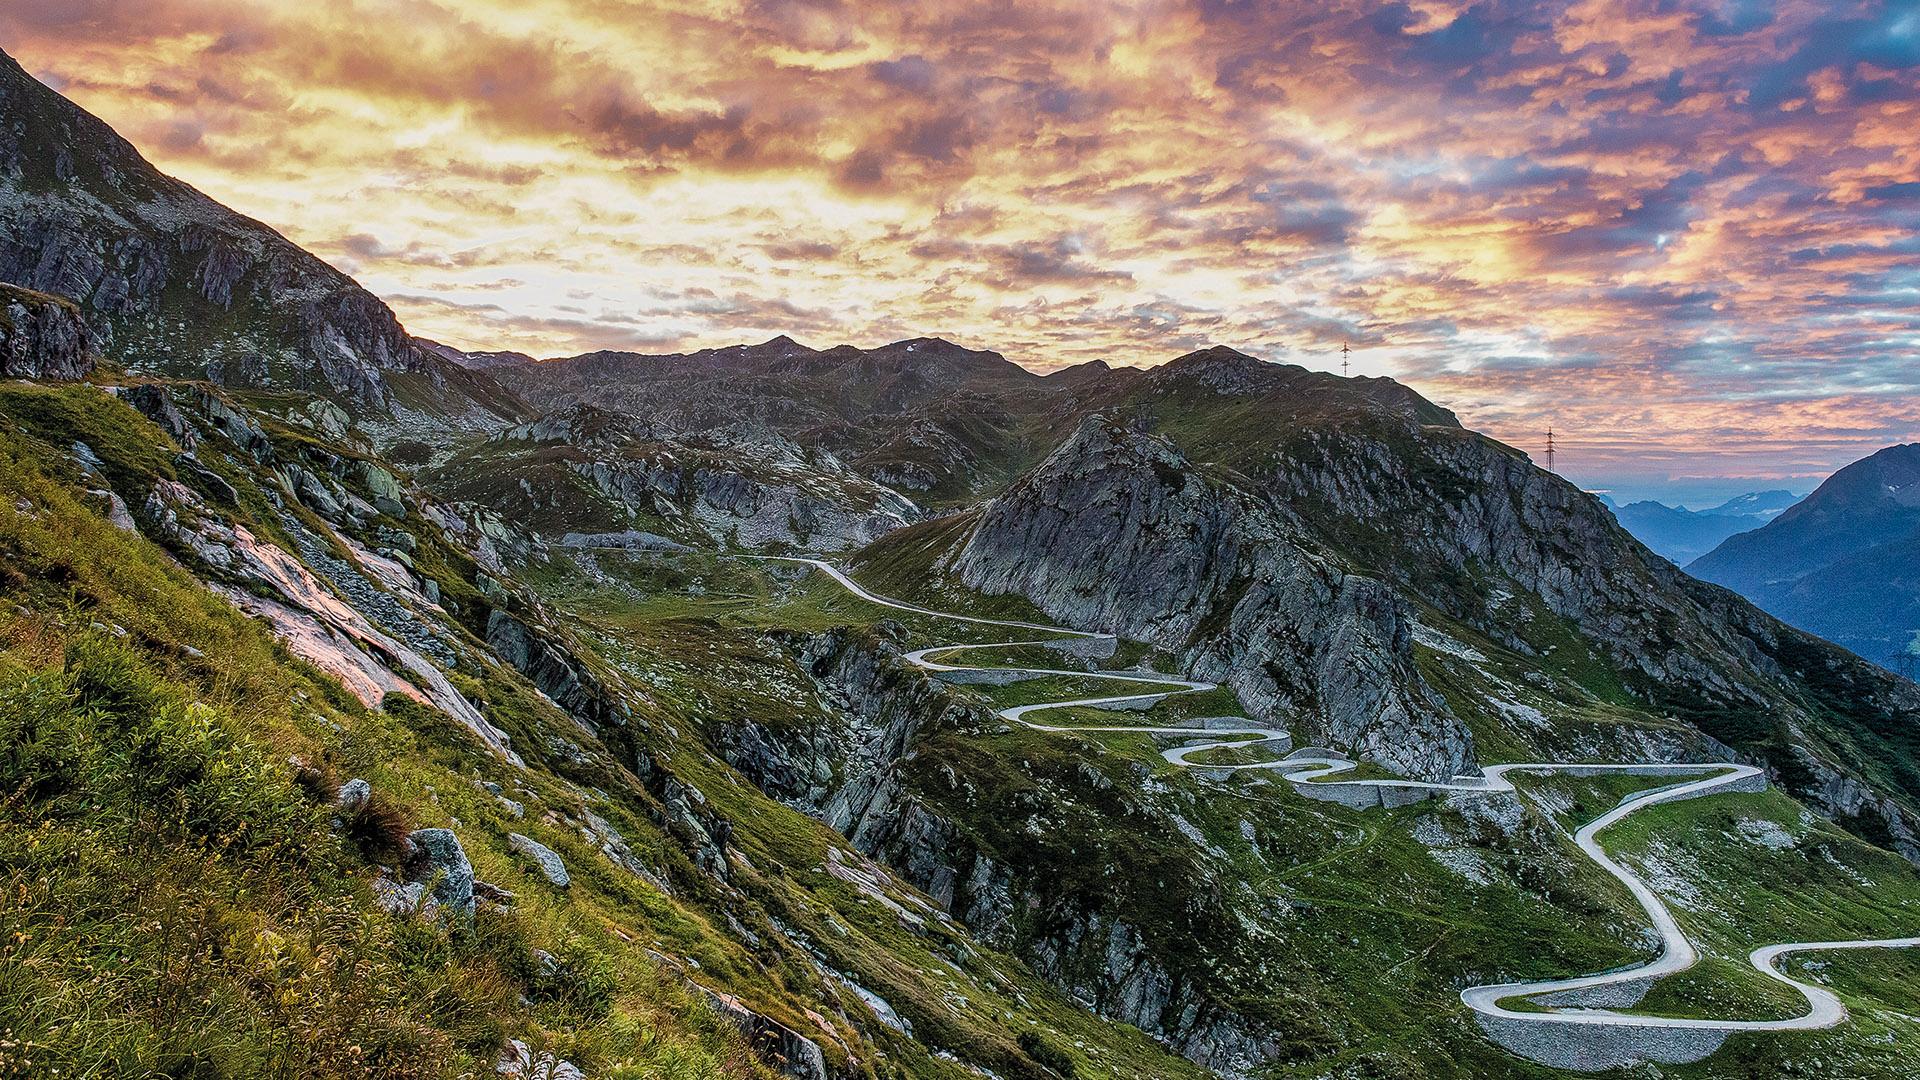 Tourabschnitt 6 - Lugano-Zermatt